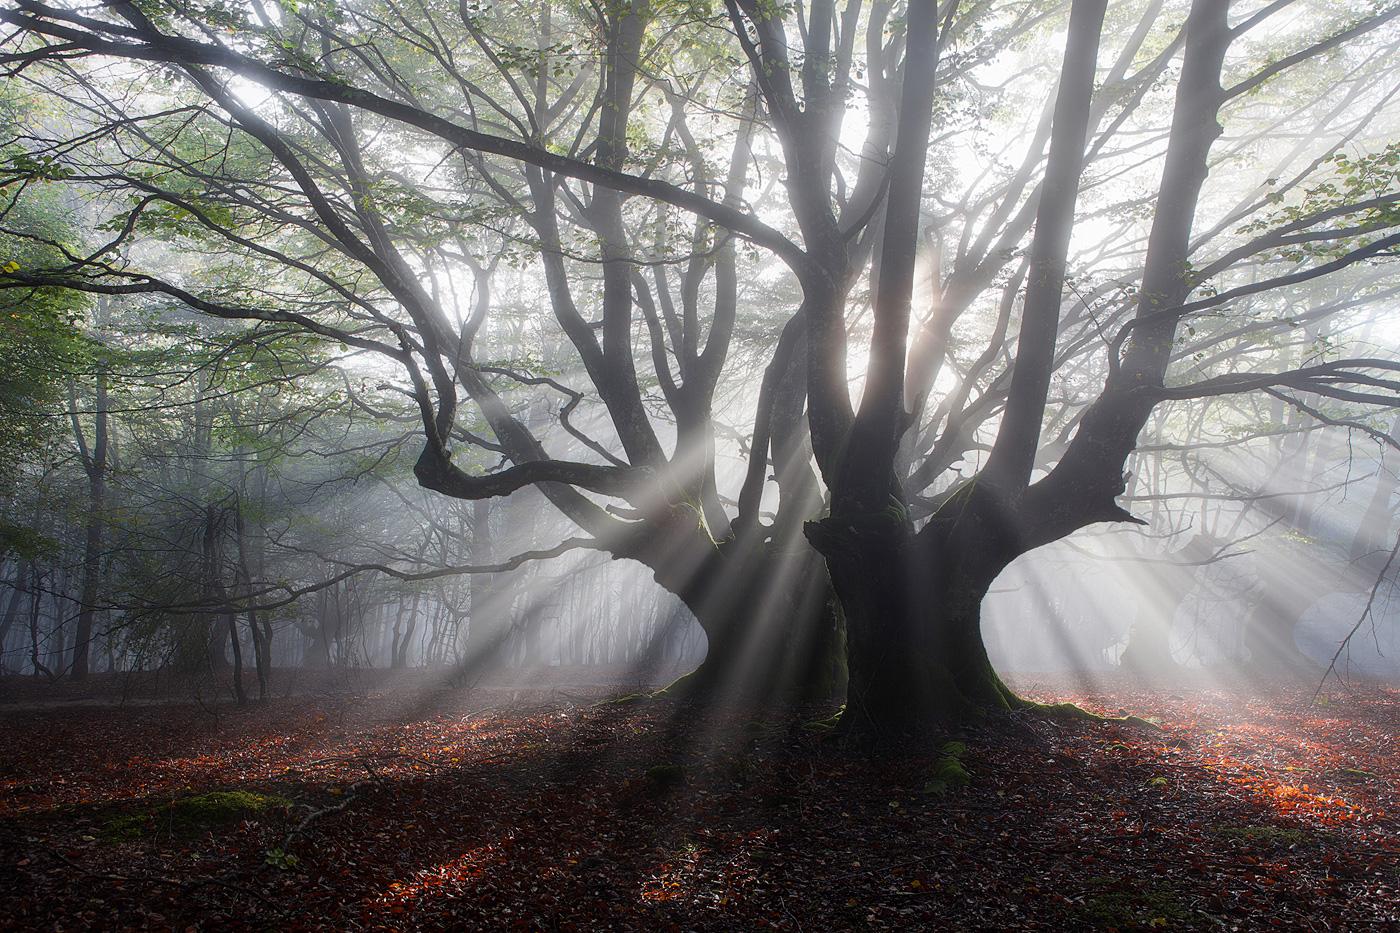 HACIENDO EL AMOR - Juan Pixelecta - Portfolio Natural, Fotografía de Naturaleza de Autor